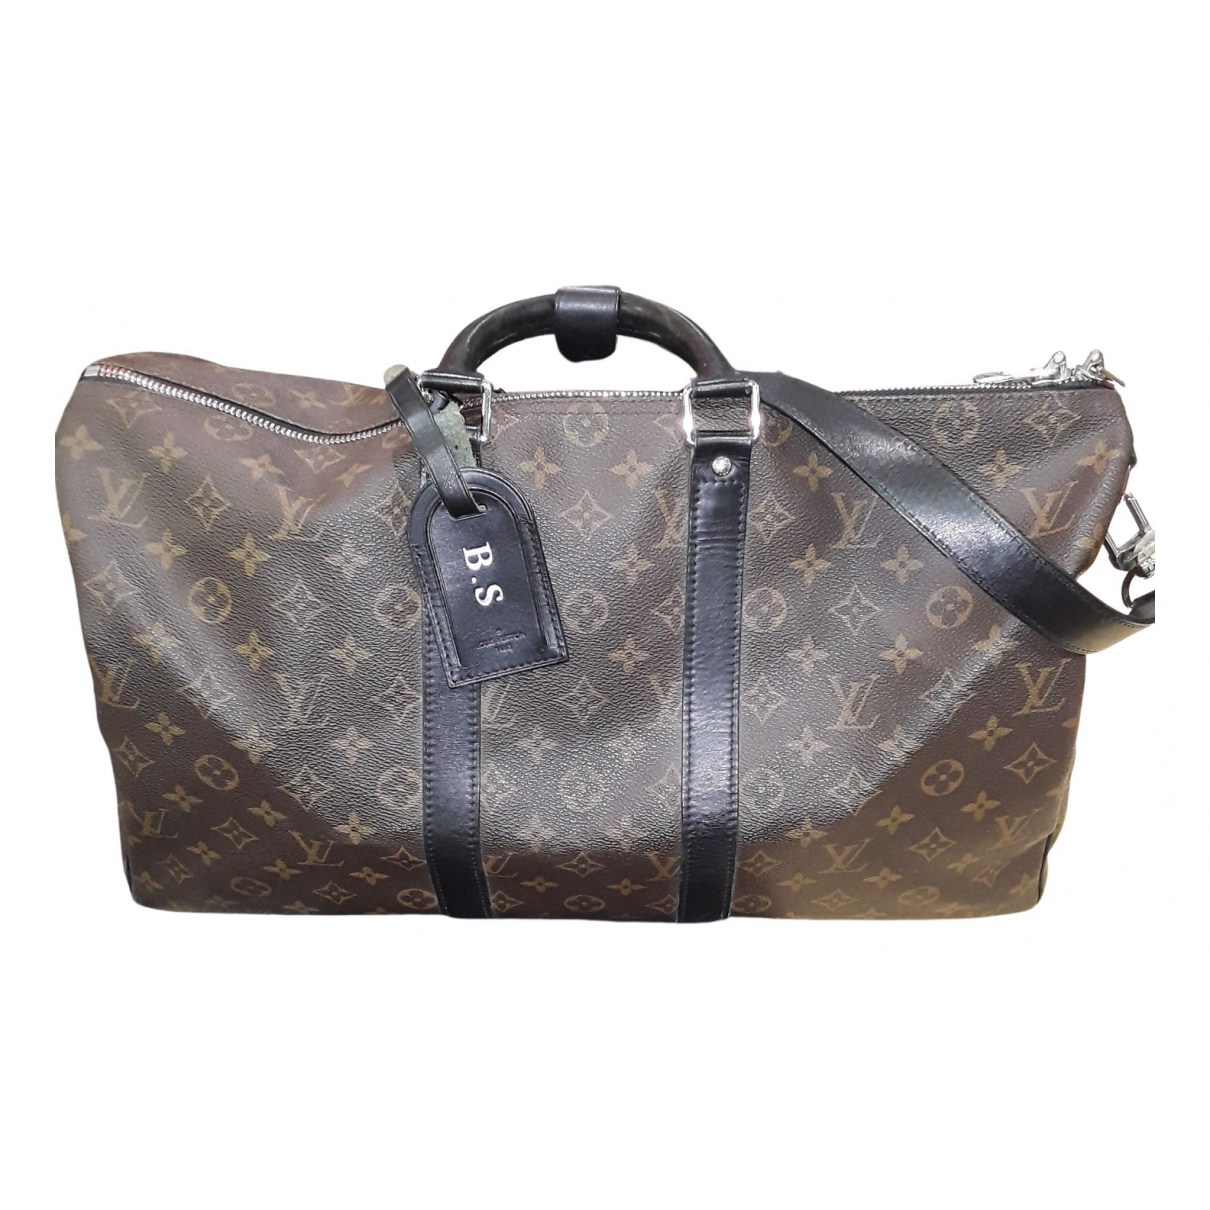 Louis Vuitton Keepall Brown Cloth bag for Men N